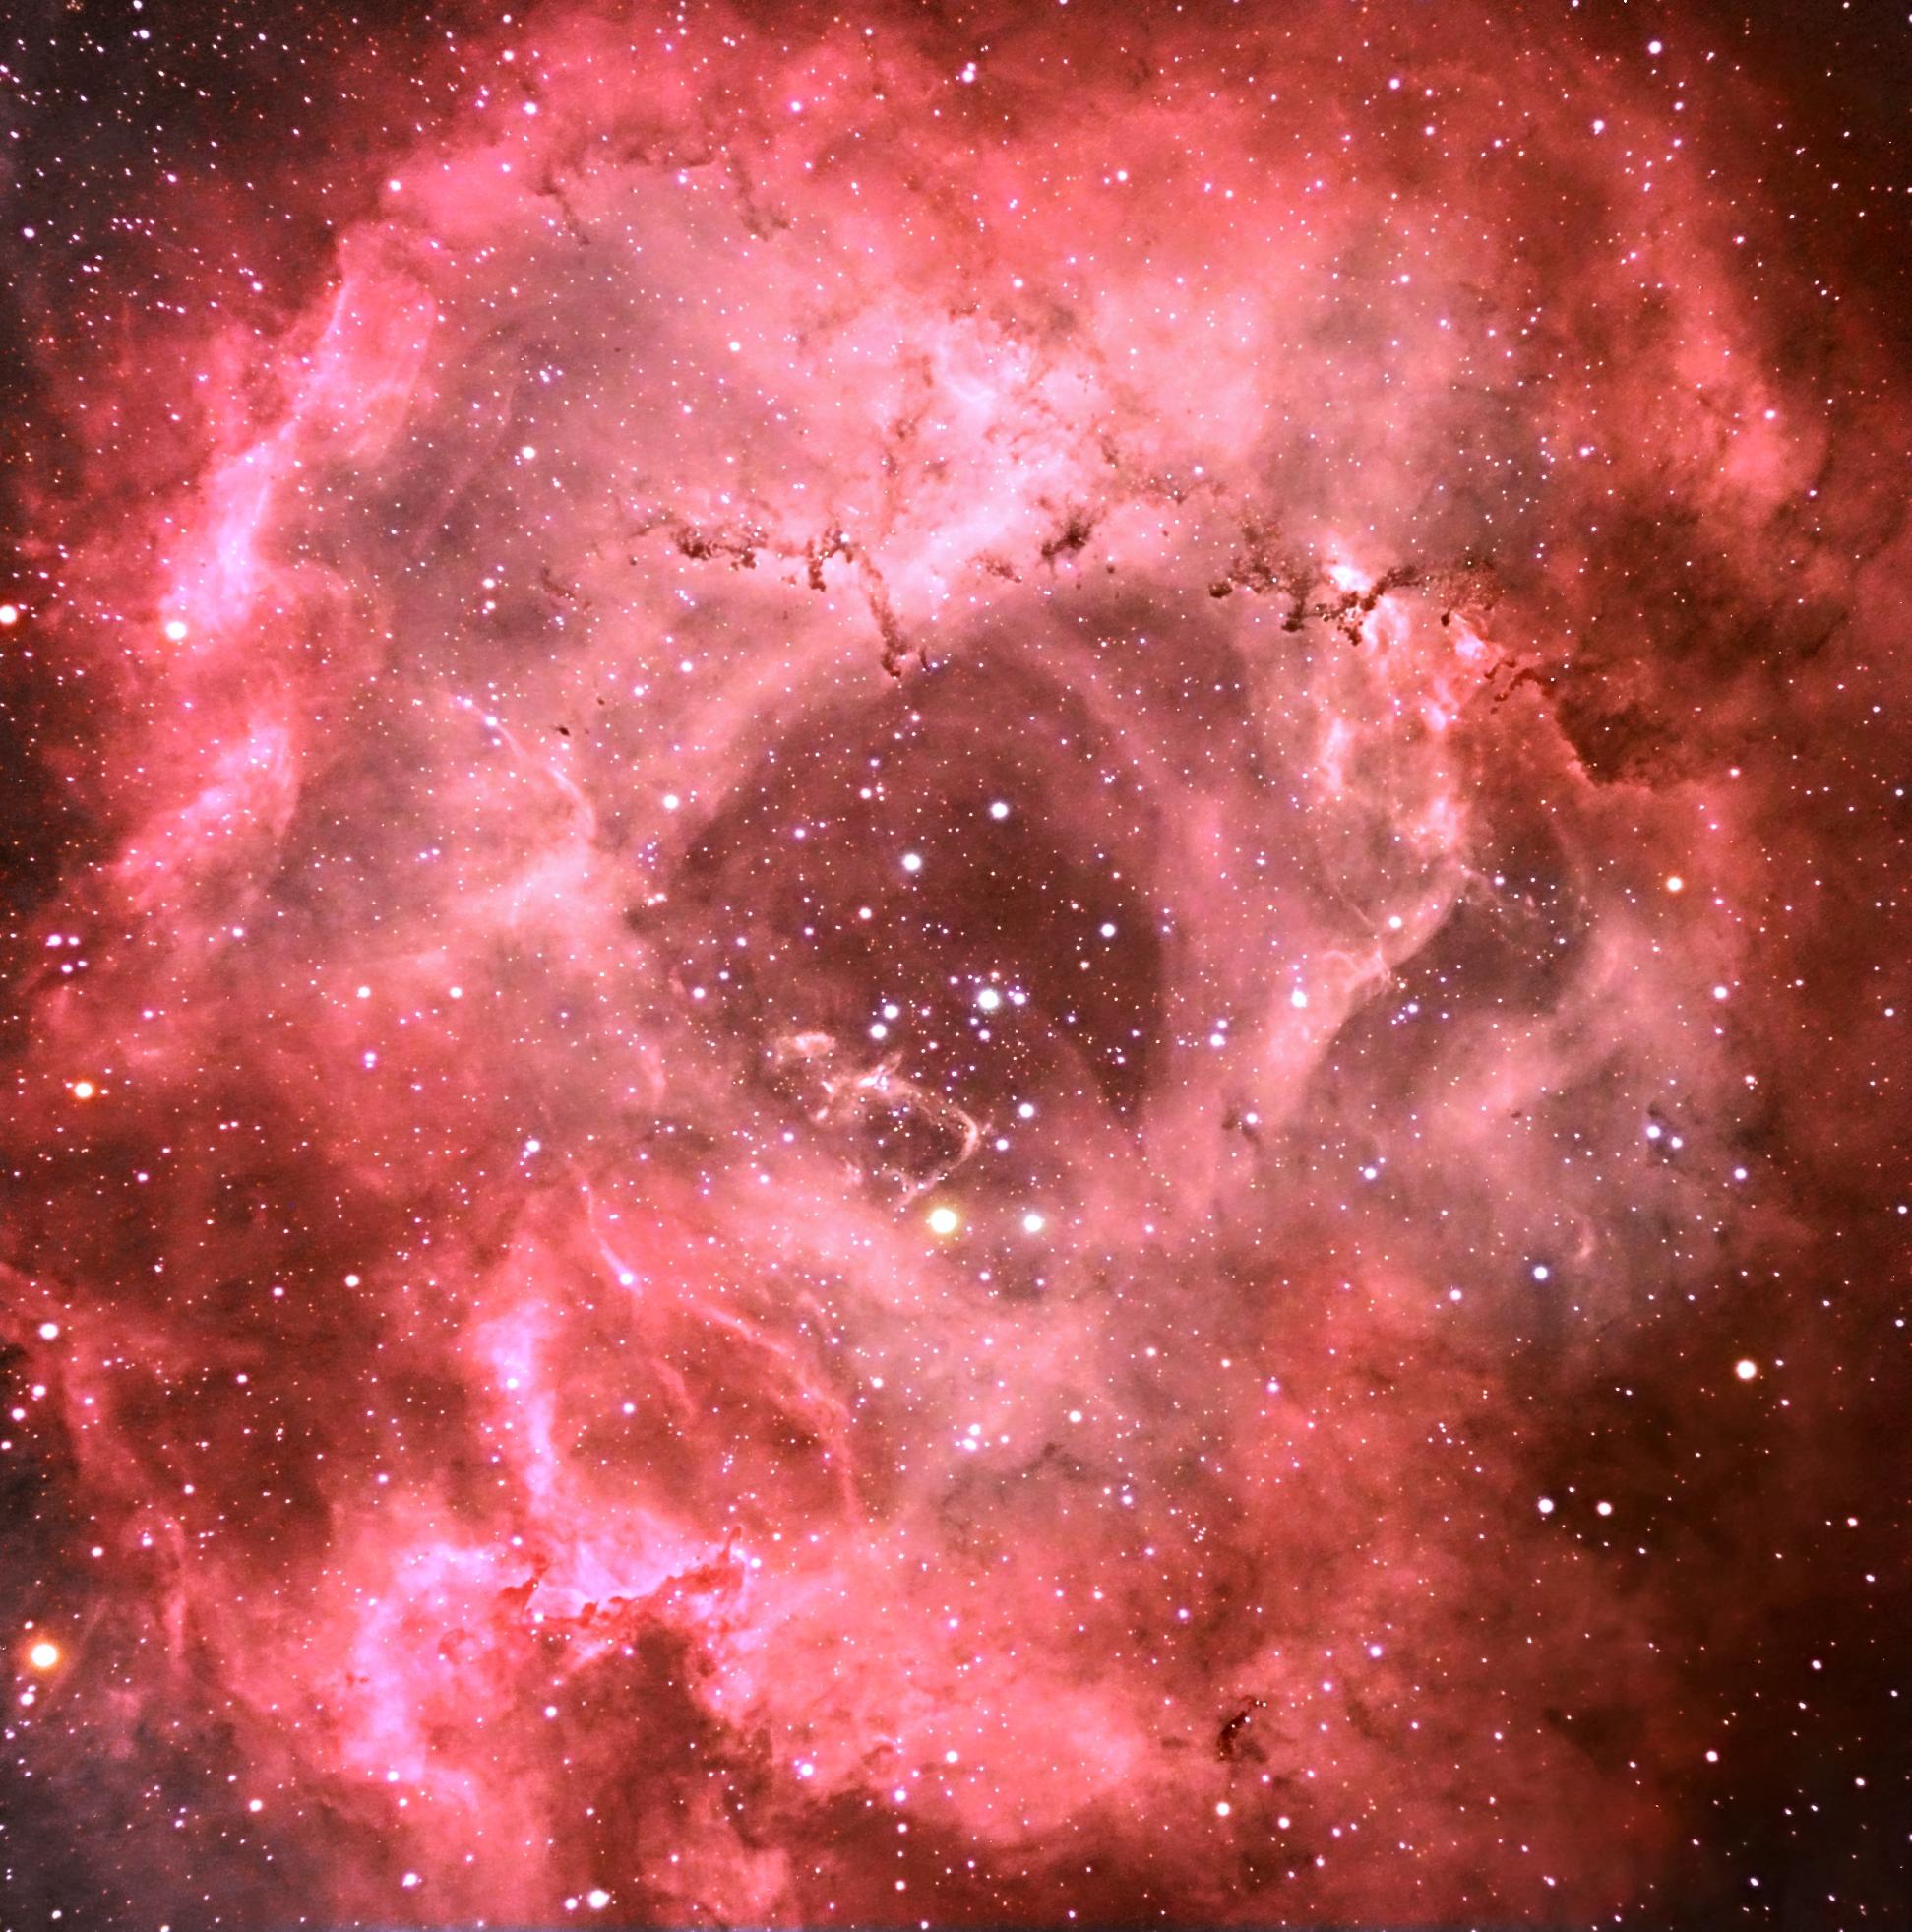 70 - Nébuleuse de la rosette dans la constellation de la Licorne